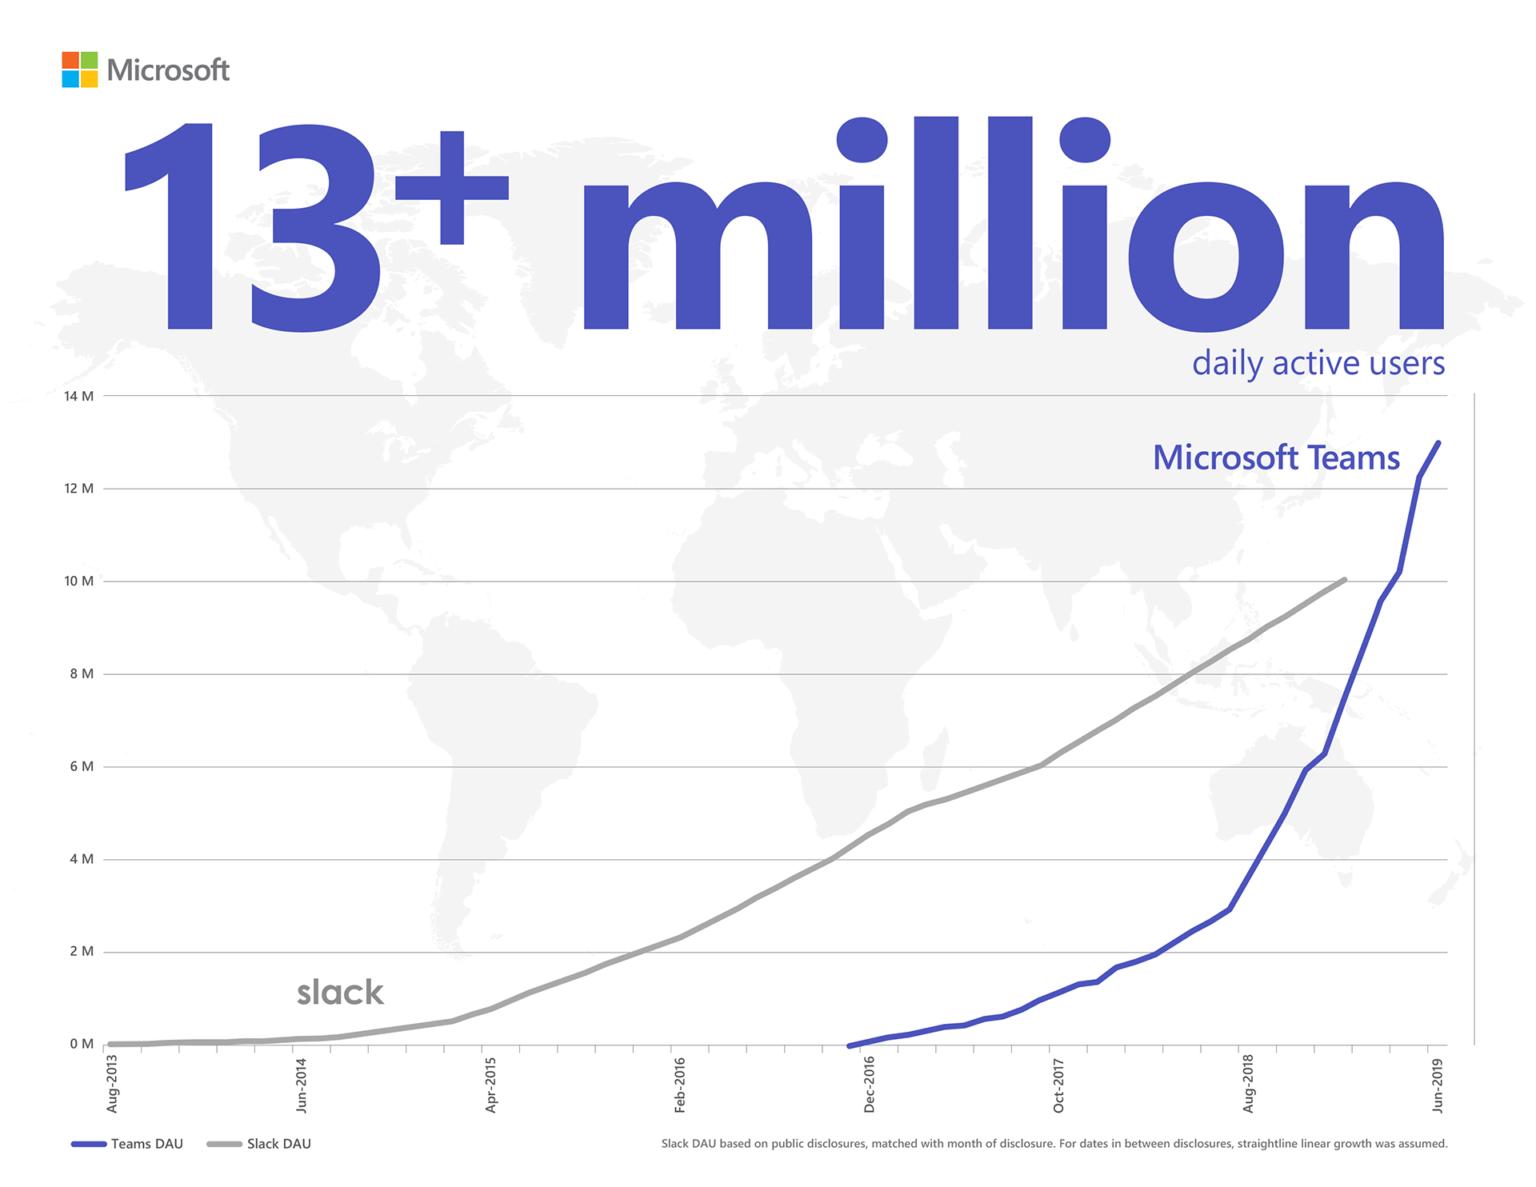 Infografik, die zeigt, wie Microsoft Teams den Konkurrenten Slack mit mehr als 13 Mio. Nutzern pro Tag überholt. Die Angaben für Slack basieren auf öffentlich bekanntgemachten Zahlen, die nach Veröffentlichungsmonat sortiert sind. Für die Zeit dazwischen wird jeweils lineares Wachstum angenommen.